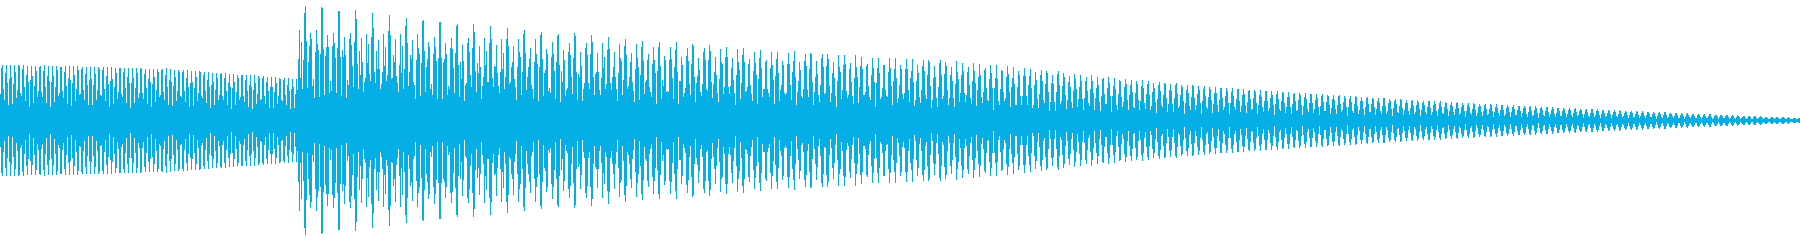 正解音 ピローン (クイズ回答風)の再生済みの波形